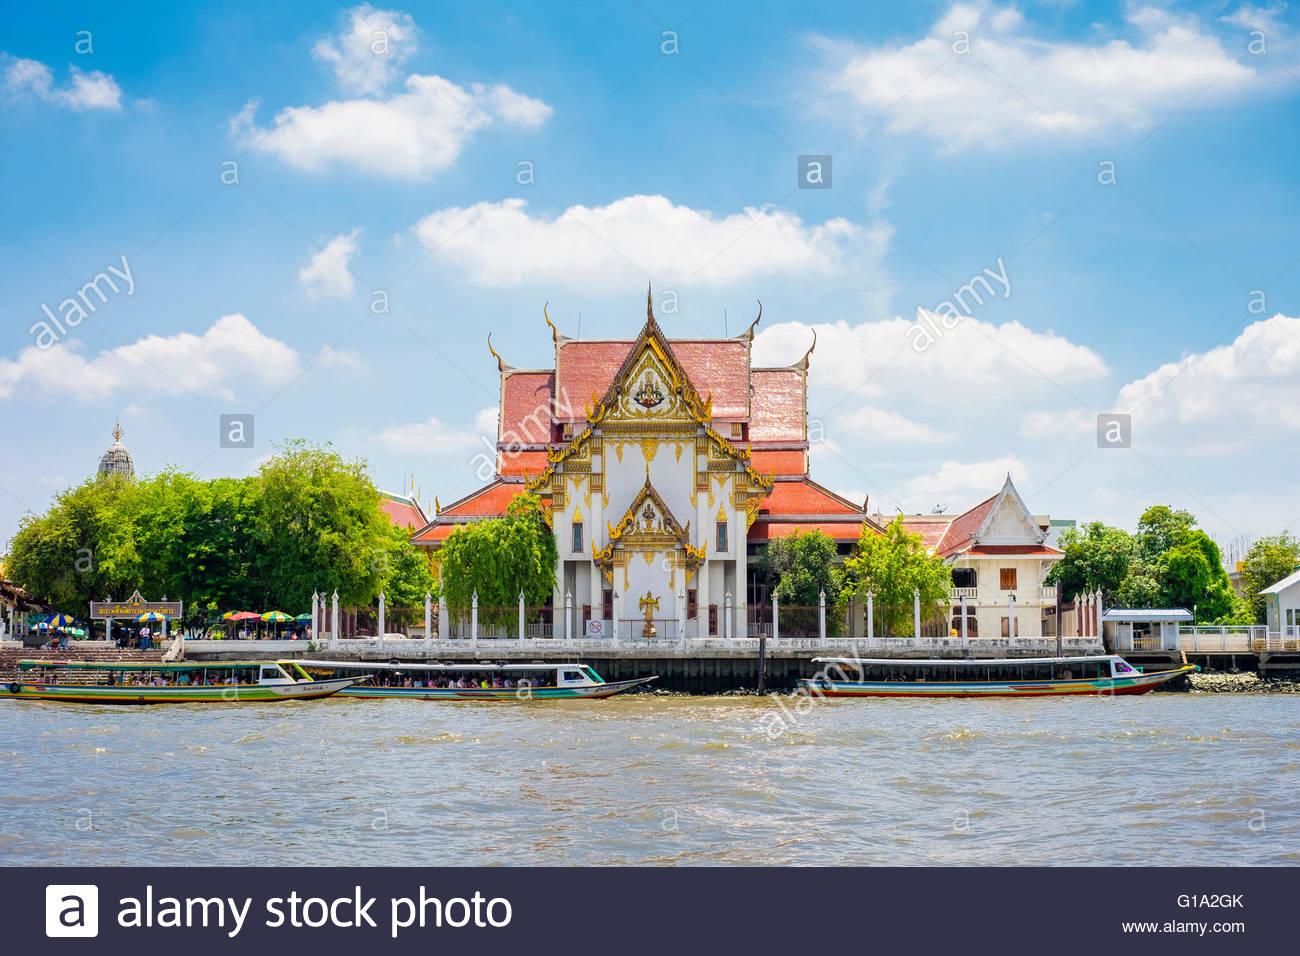 Wat Rakang Kositaram (Temple of the Bells) on the Chao Phraya River, Bangkok, Thailand - Stock Image